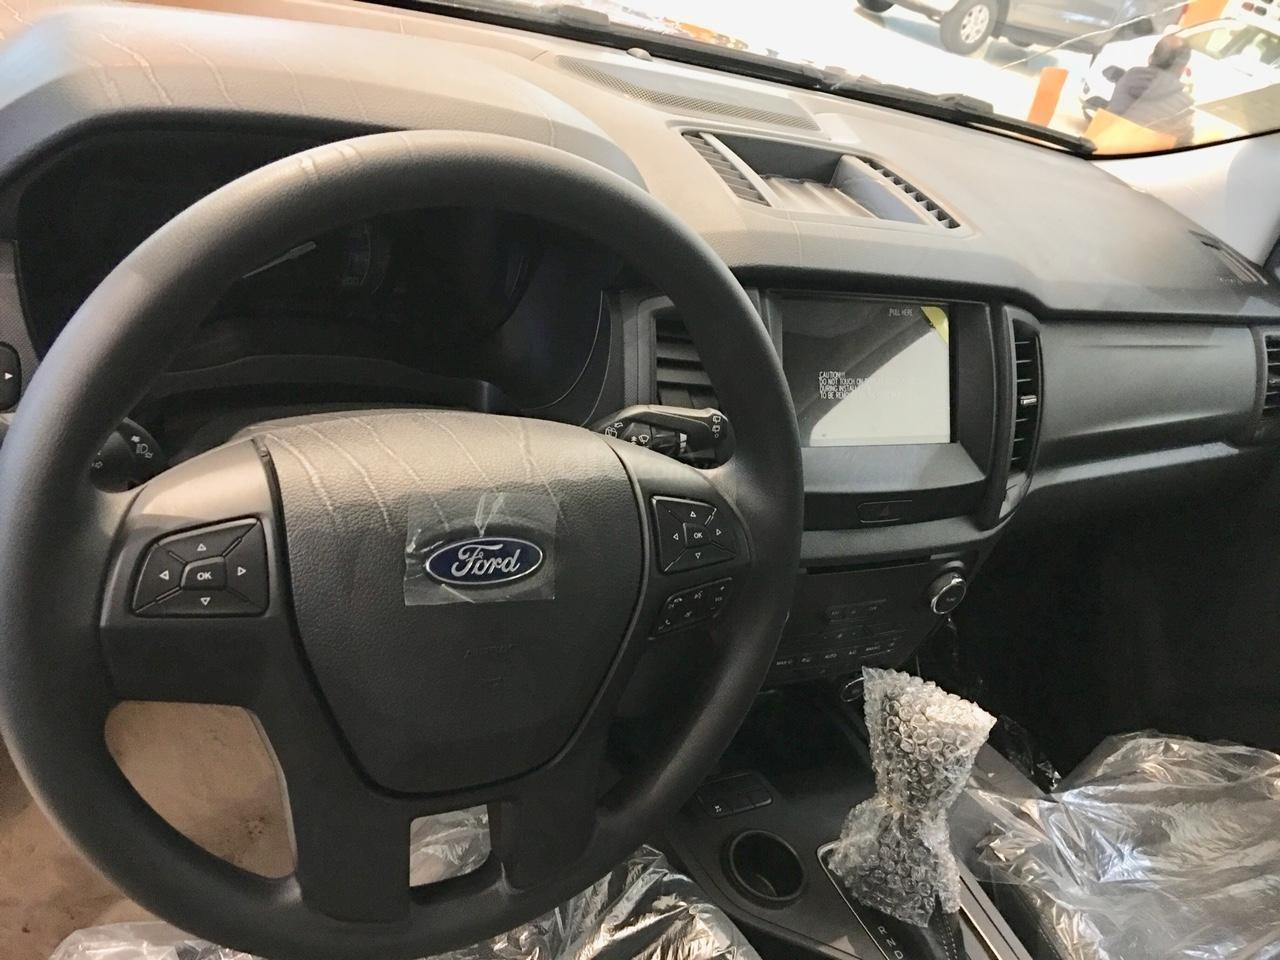 0358548613 - Bán xe Ford Everest Ambient AT số vin 2018 - giá cực sốc - ưu đãi khủng-1